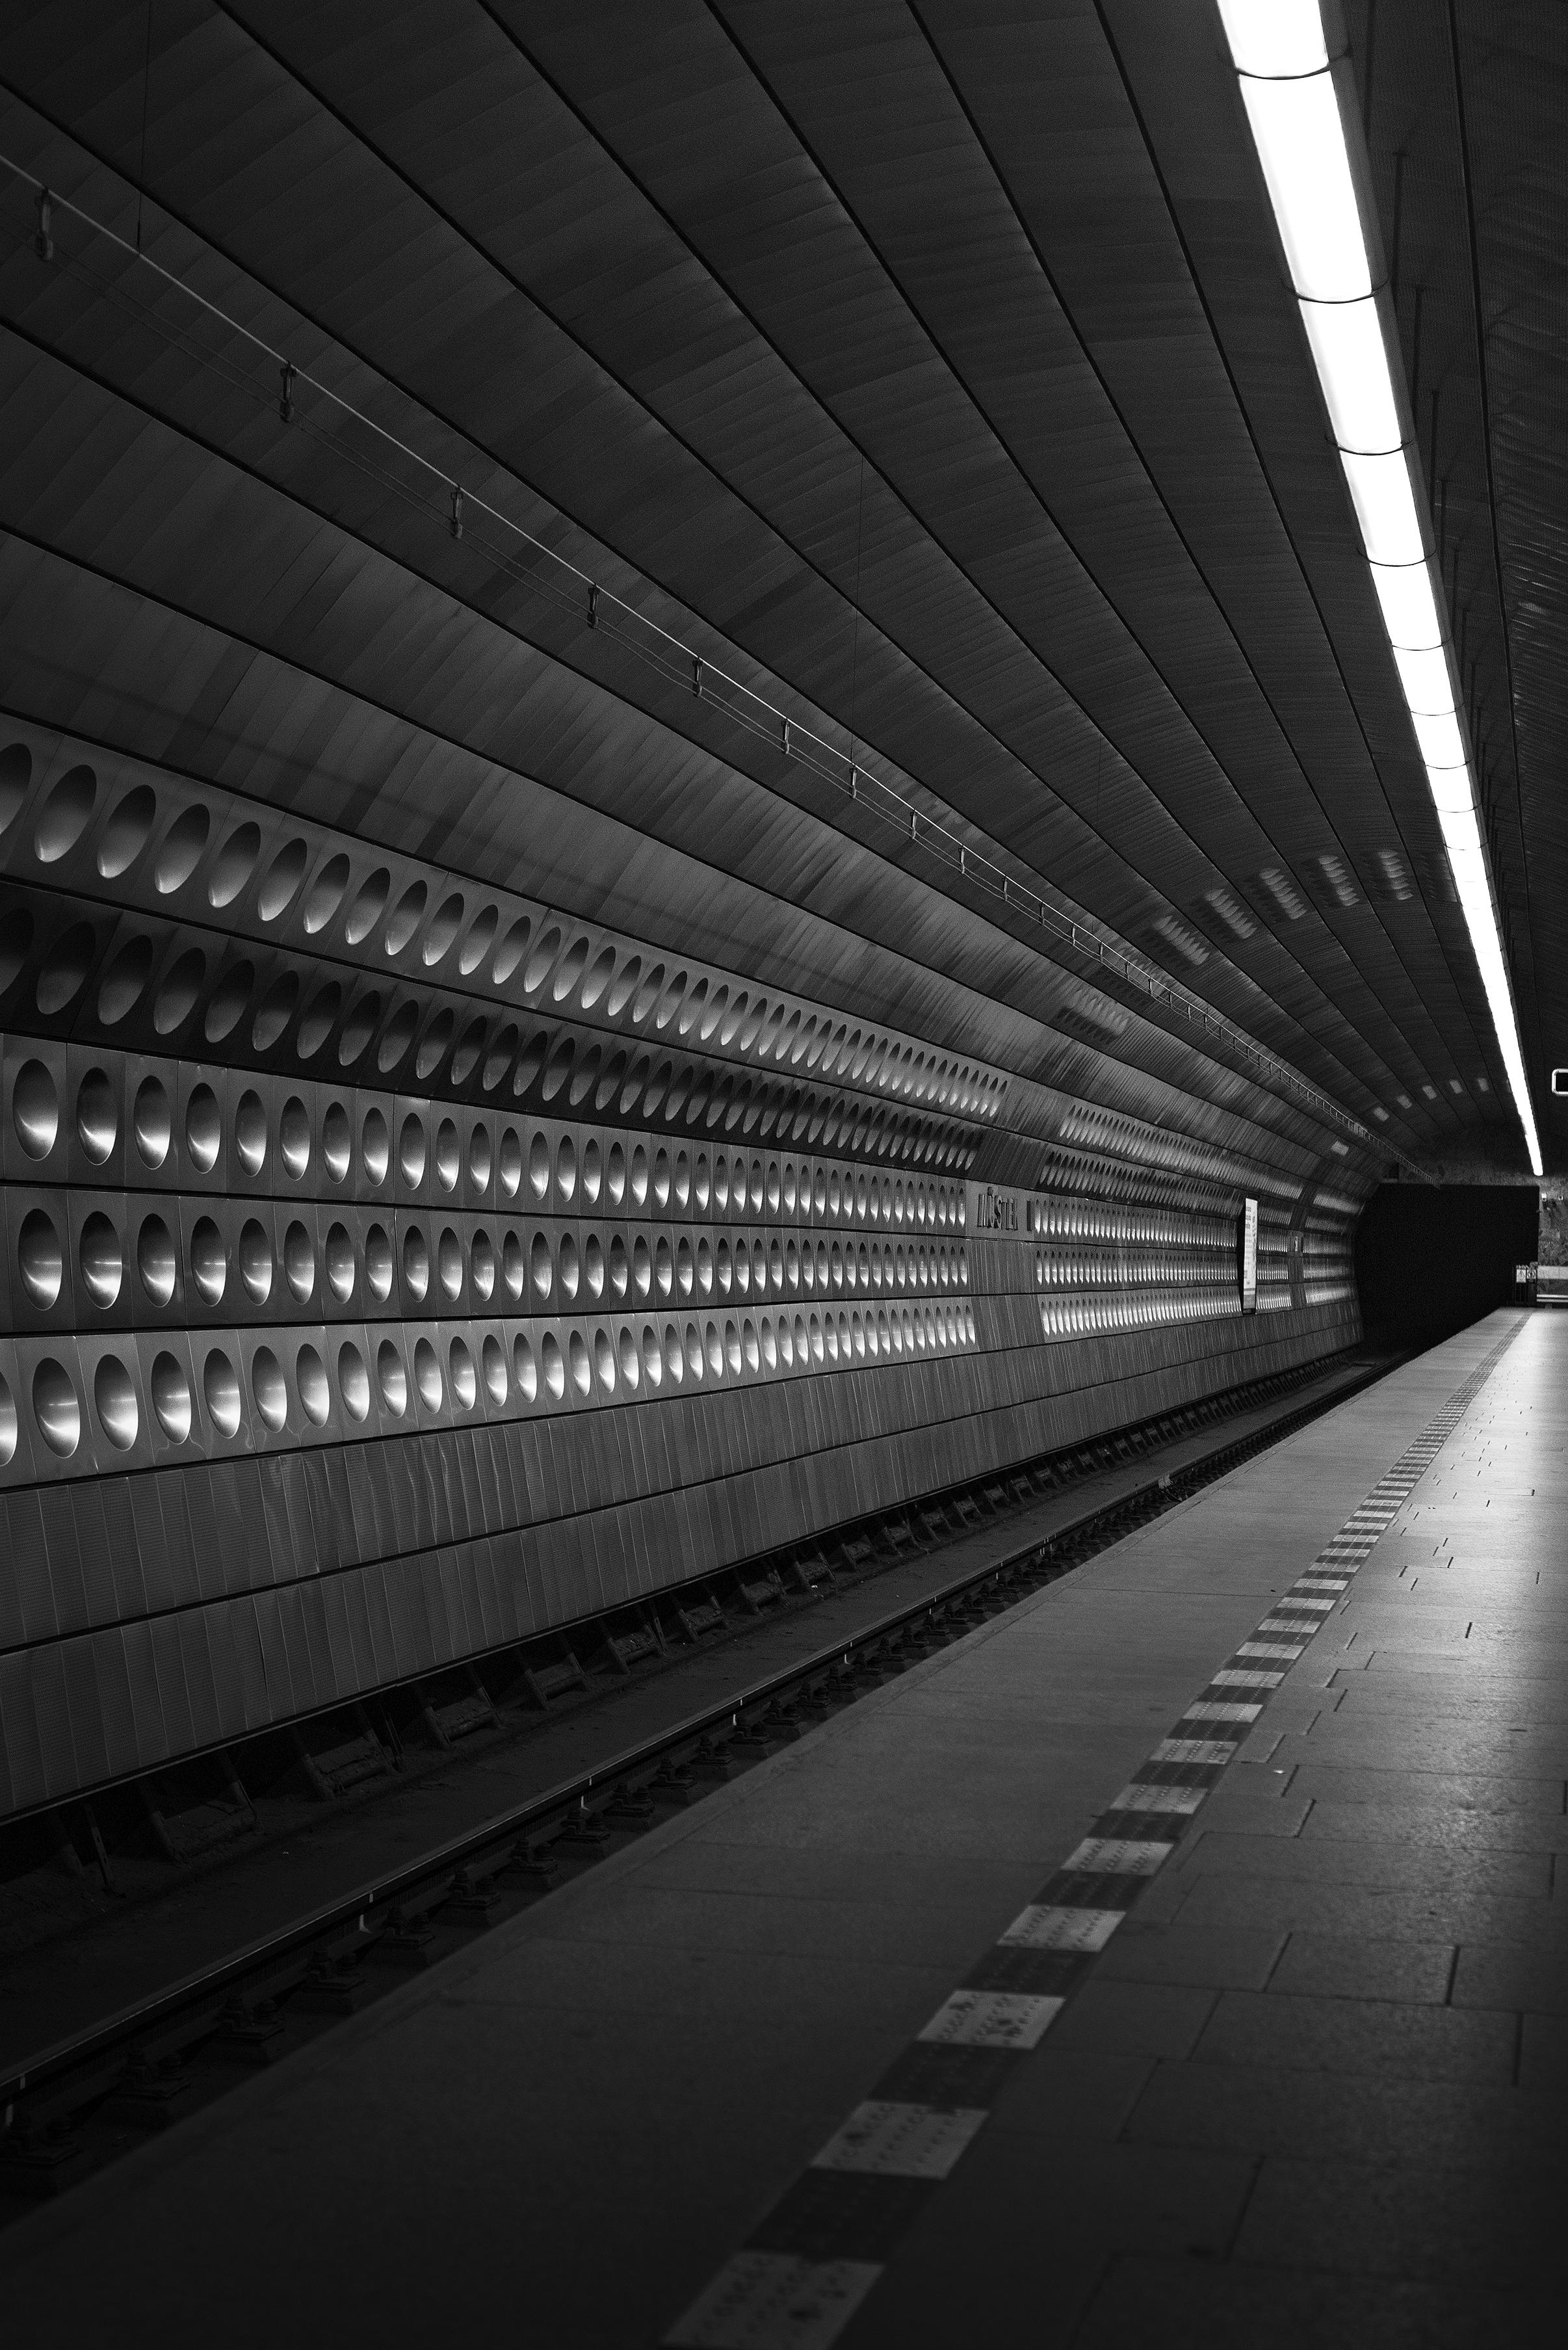 Into The Rabbit Hole - Prague, Czech Republic Nikon D800 - Nikkor 50mm f/1.8